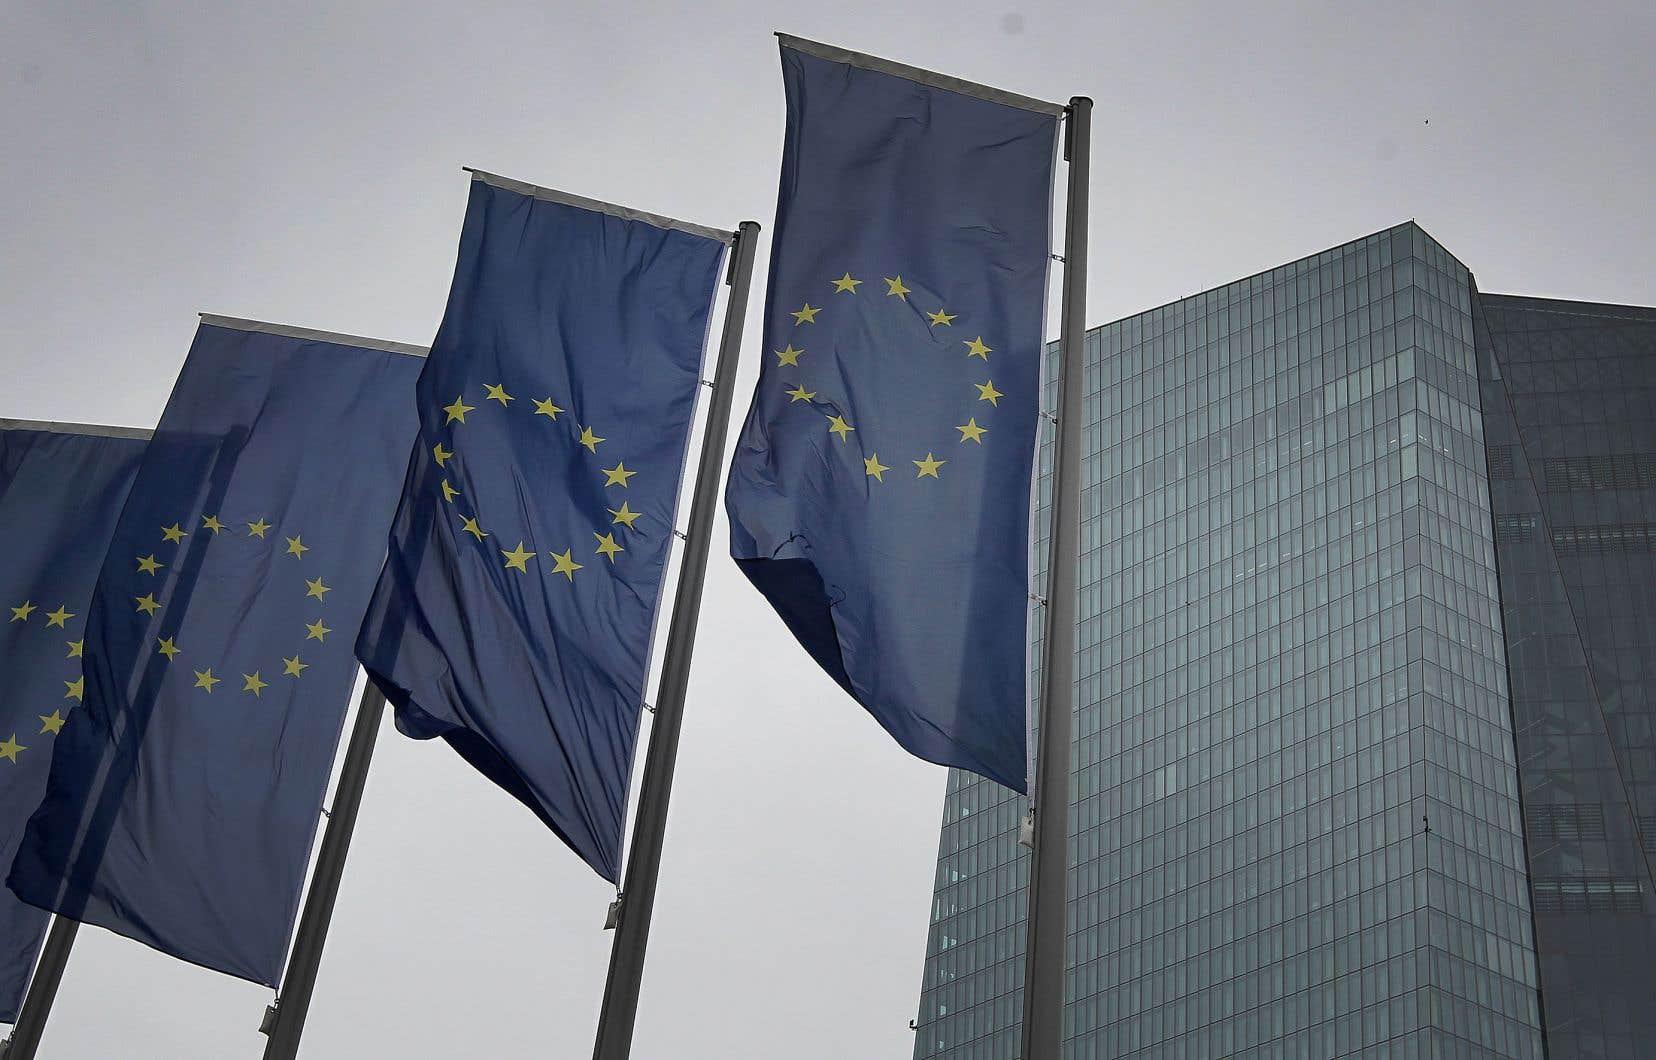 Les pays européens les plus affectés par le virus continuent de réclamer la création d'un instrument de dette commun dans la perspective de la récession annoncée.